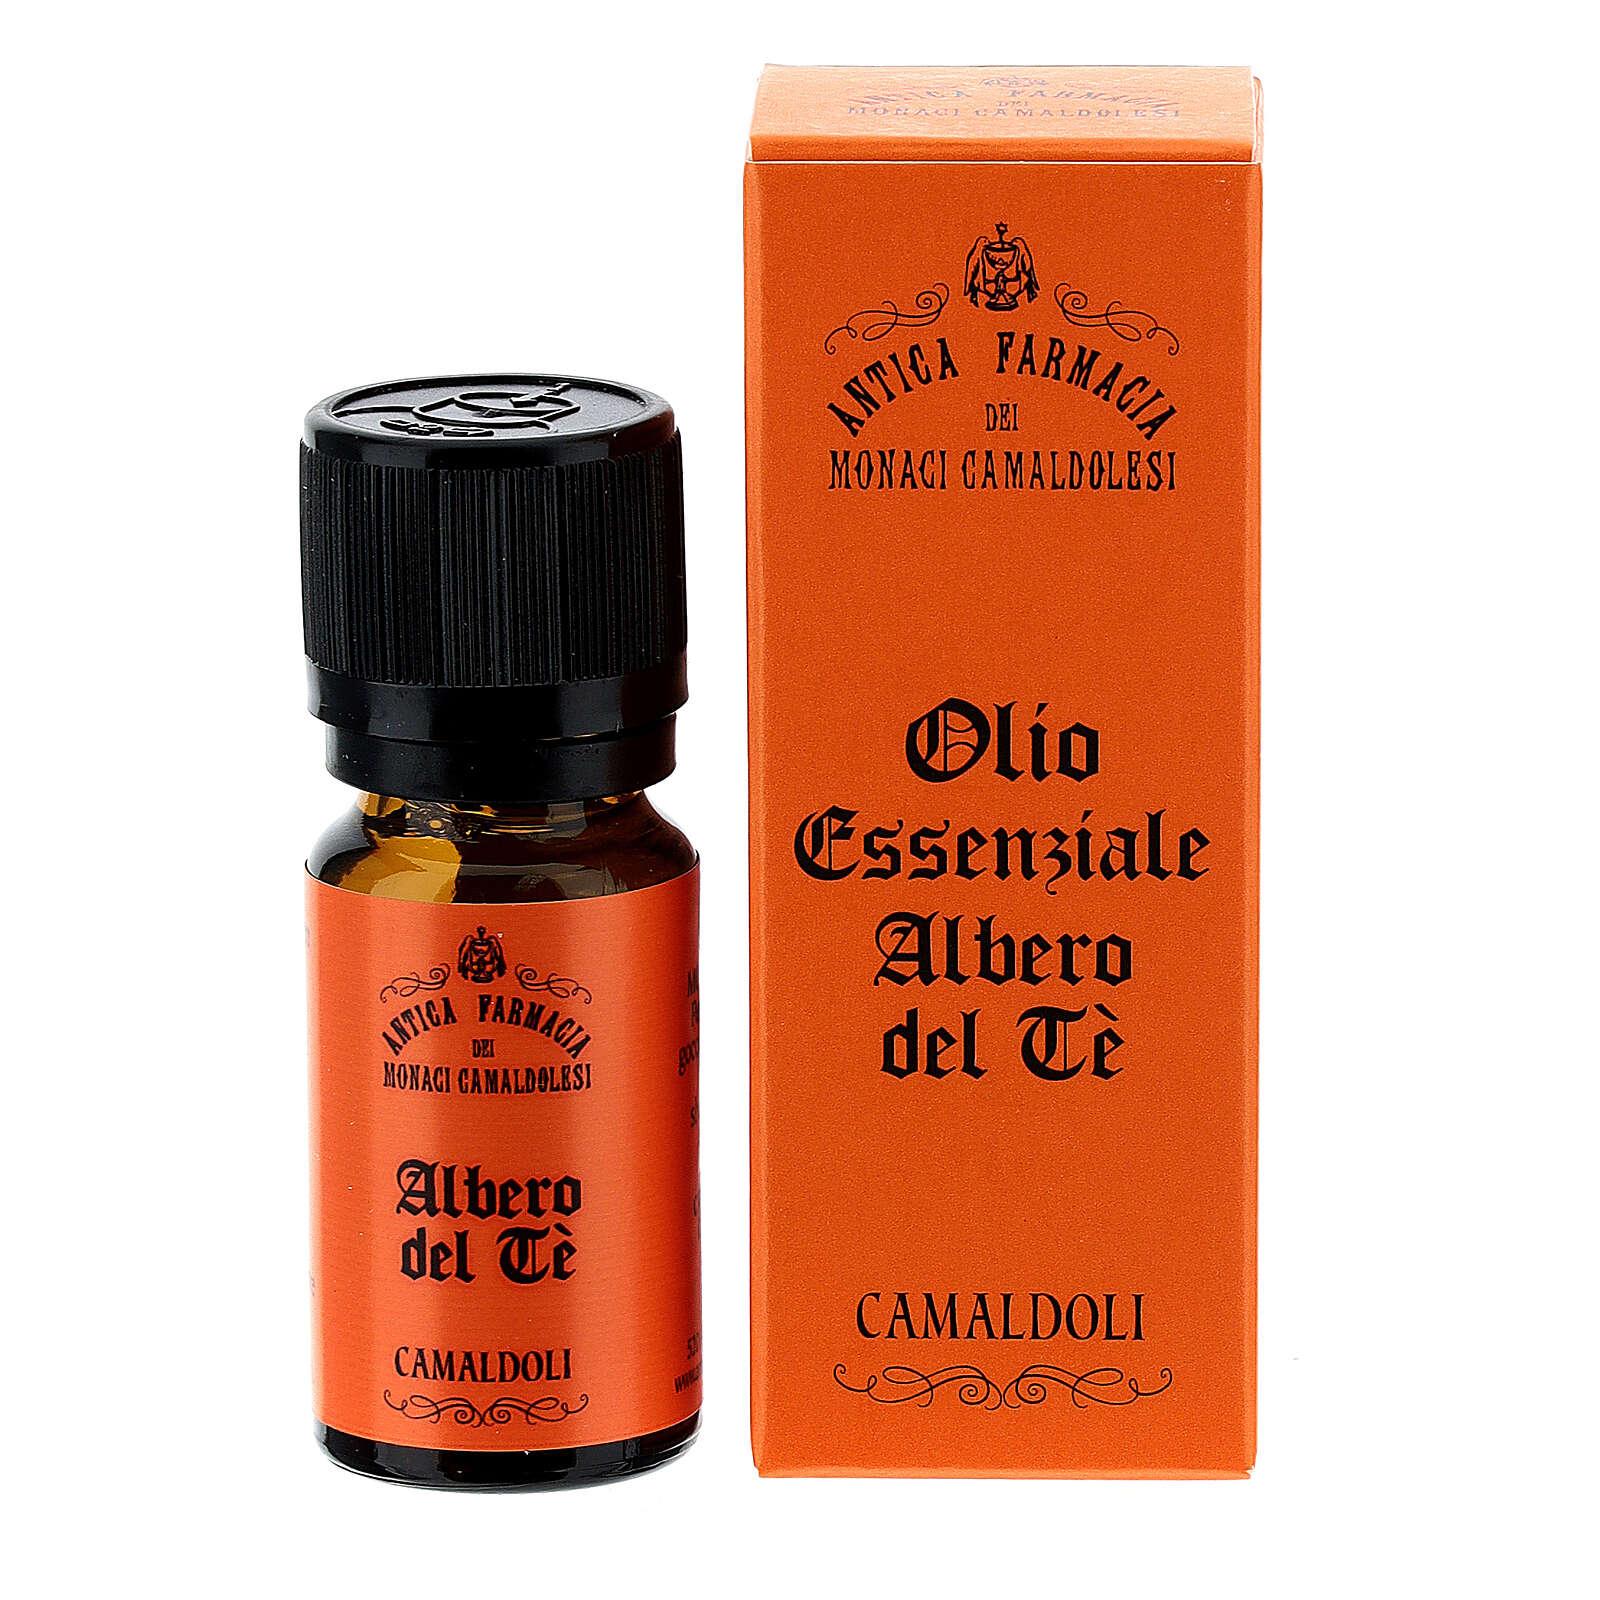 Olio Essenziale Albero del Tè 10 ml Camaldoli 4